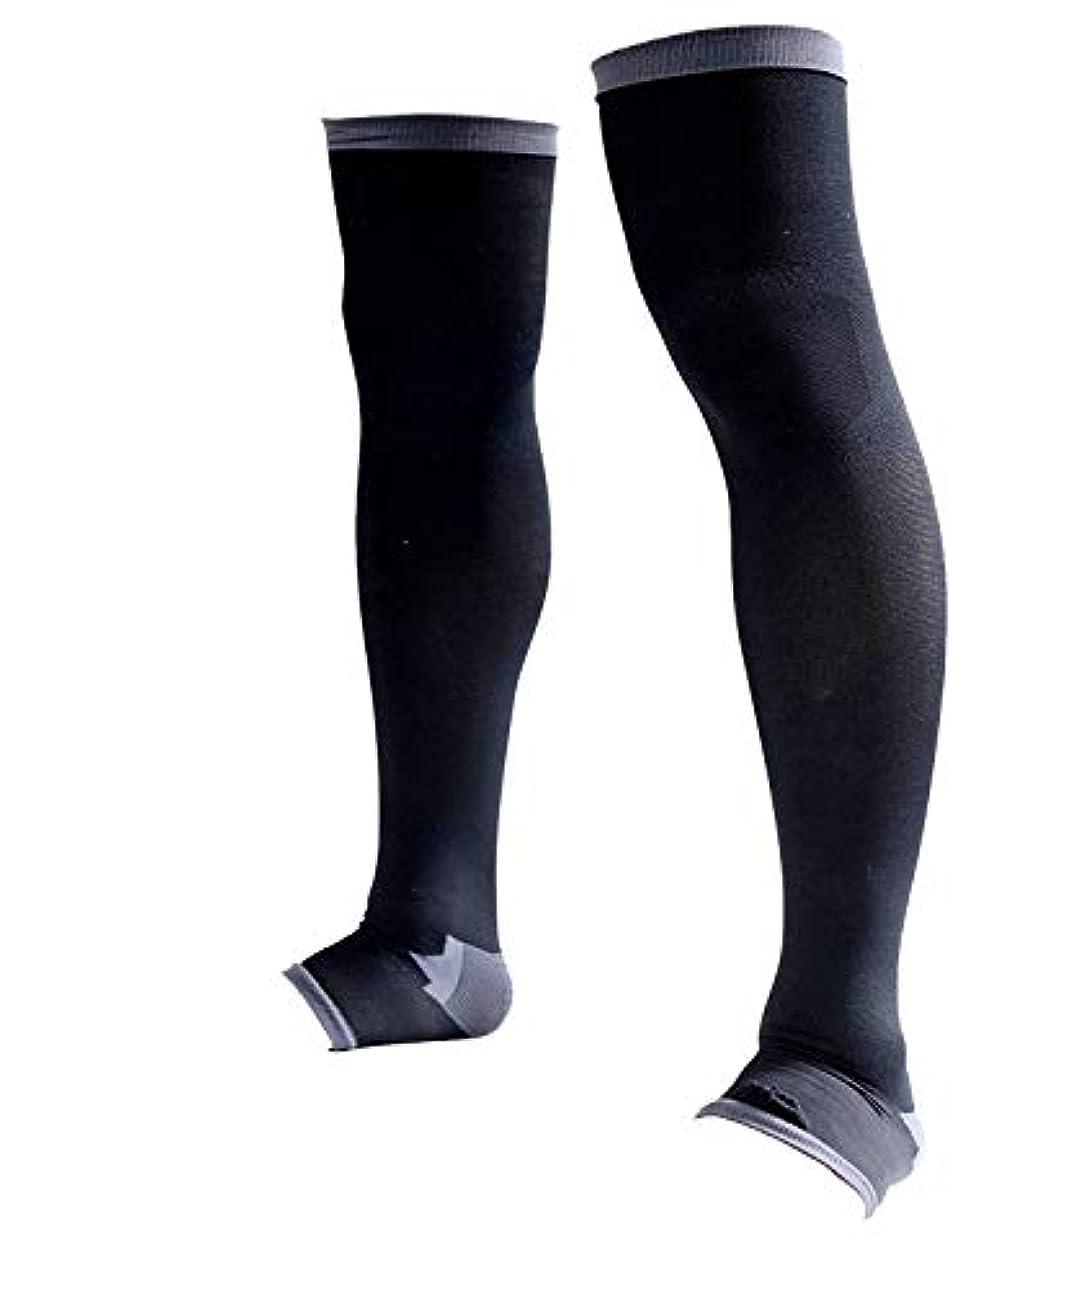 事前熱狂的な安価な男性専用脚すっきり対策オープントゥ着圧ソックス 膝上 M-L 順天堂大学客員教授推奨